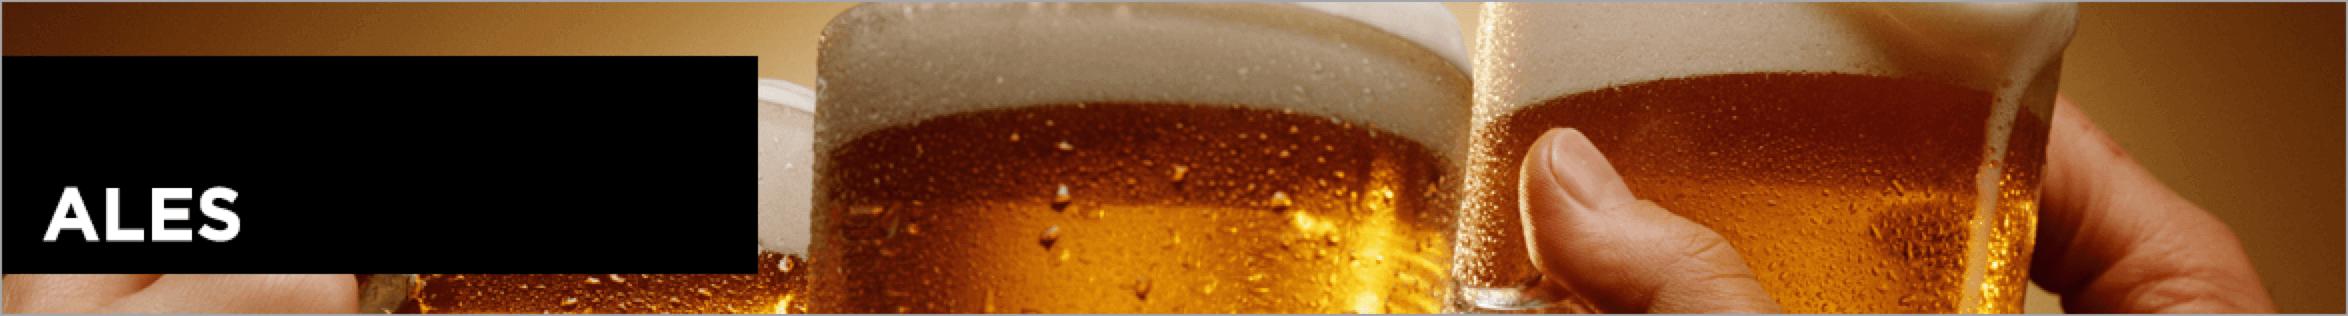 Beer 101 Guide Ales